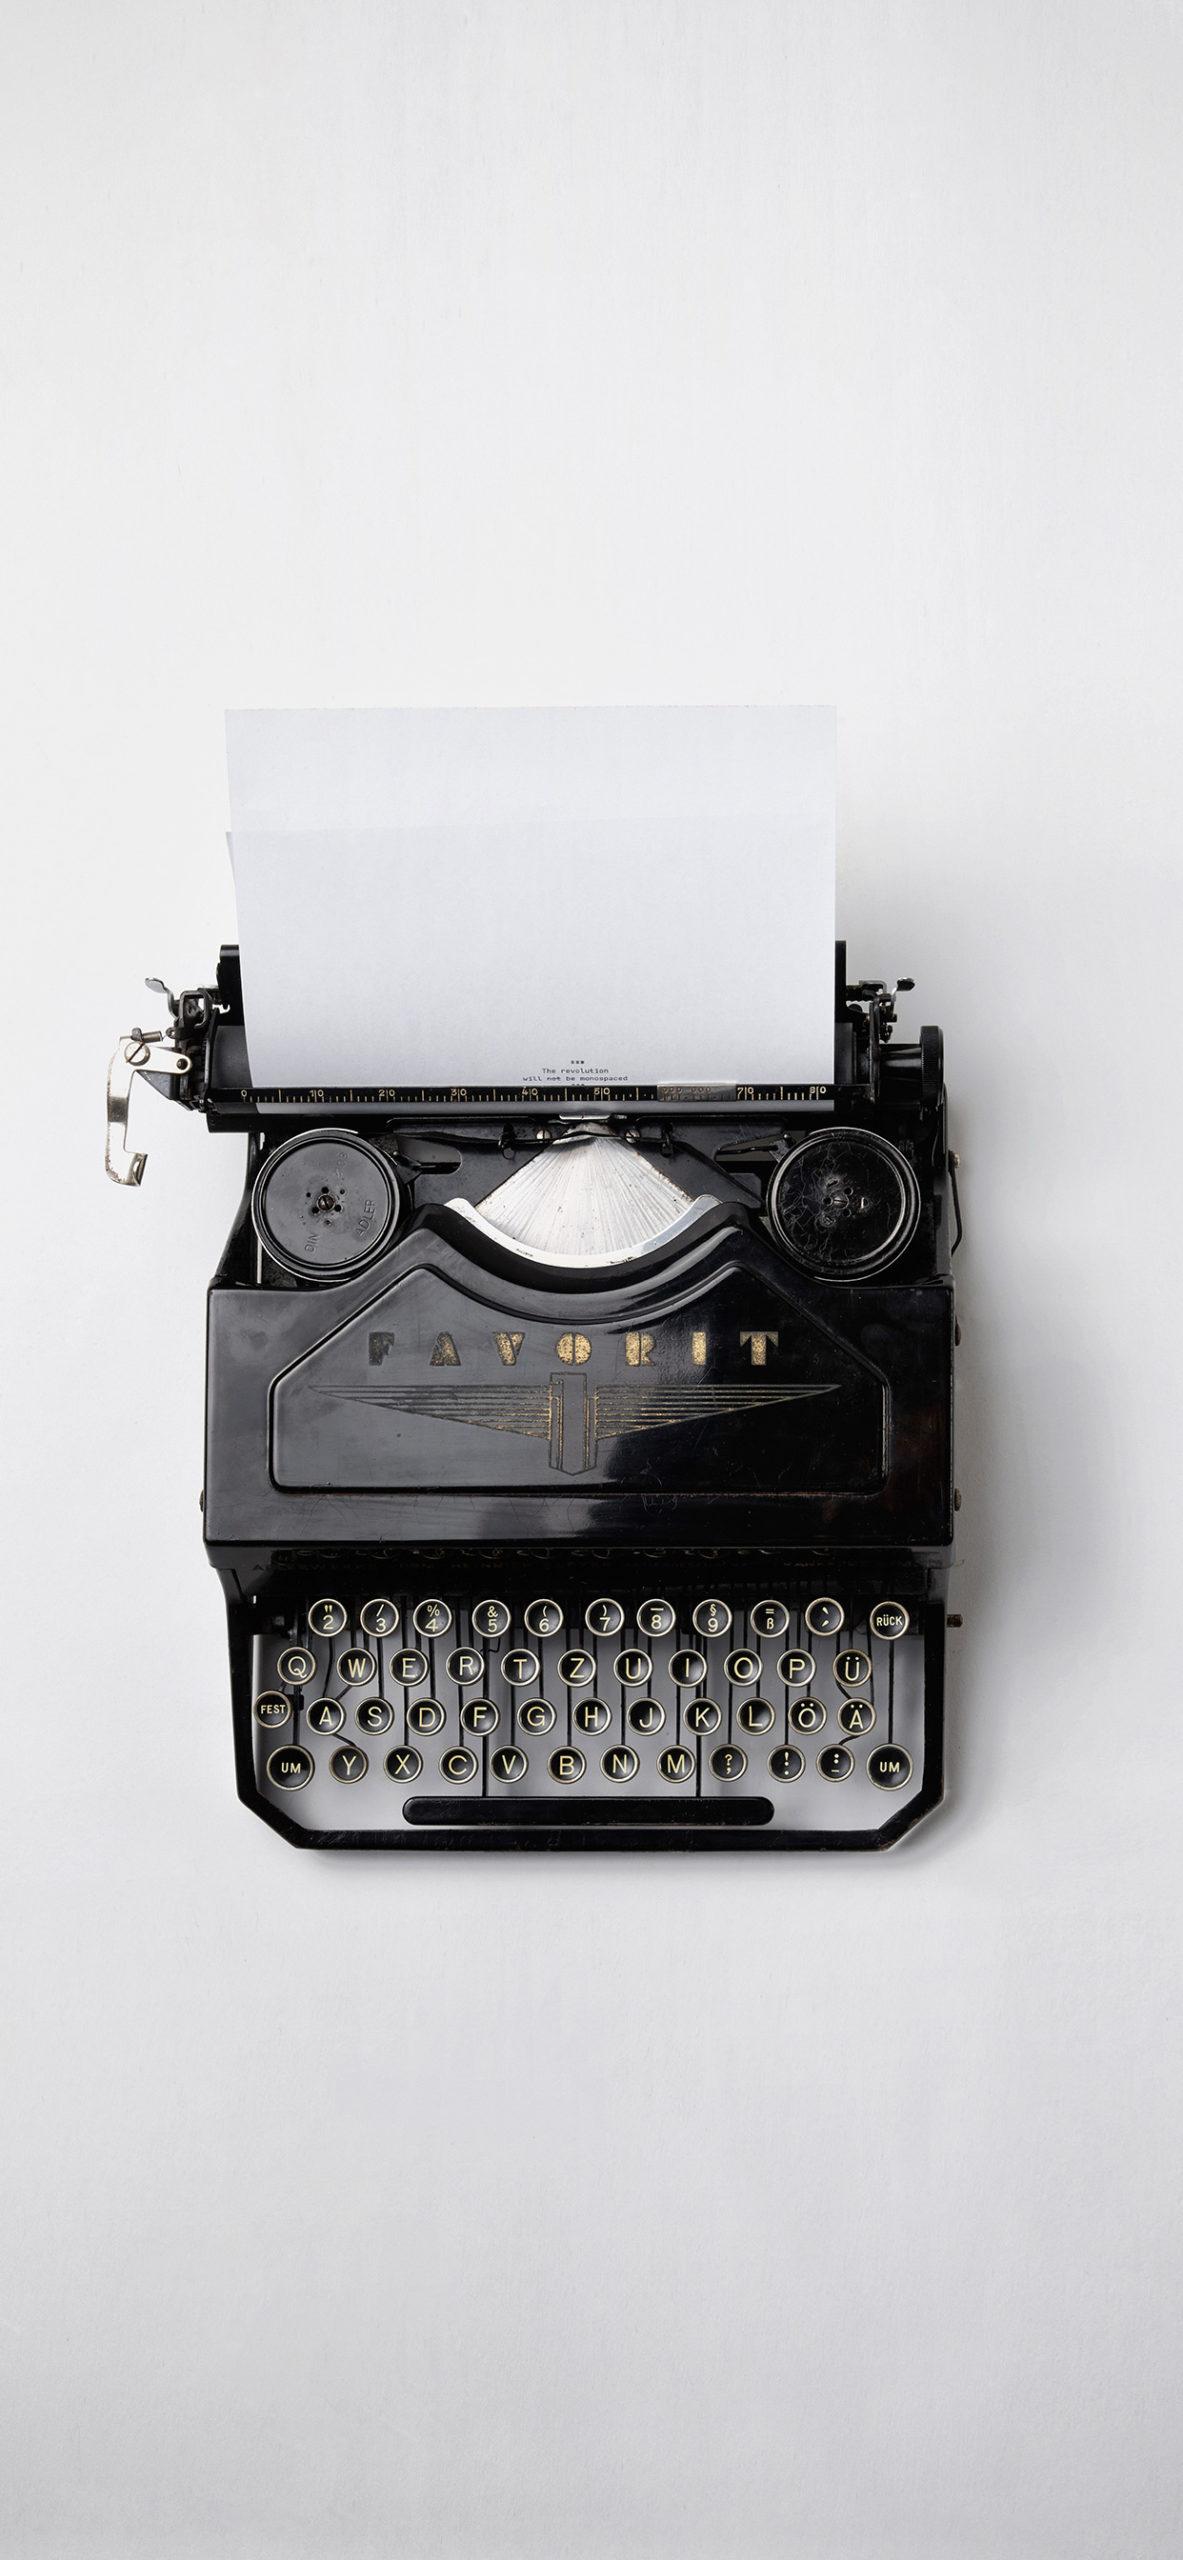 iphone wallpapers typewriter3 scaled Typewriter